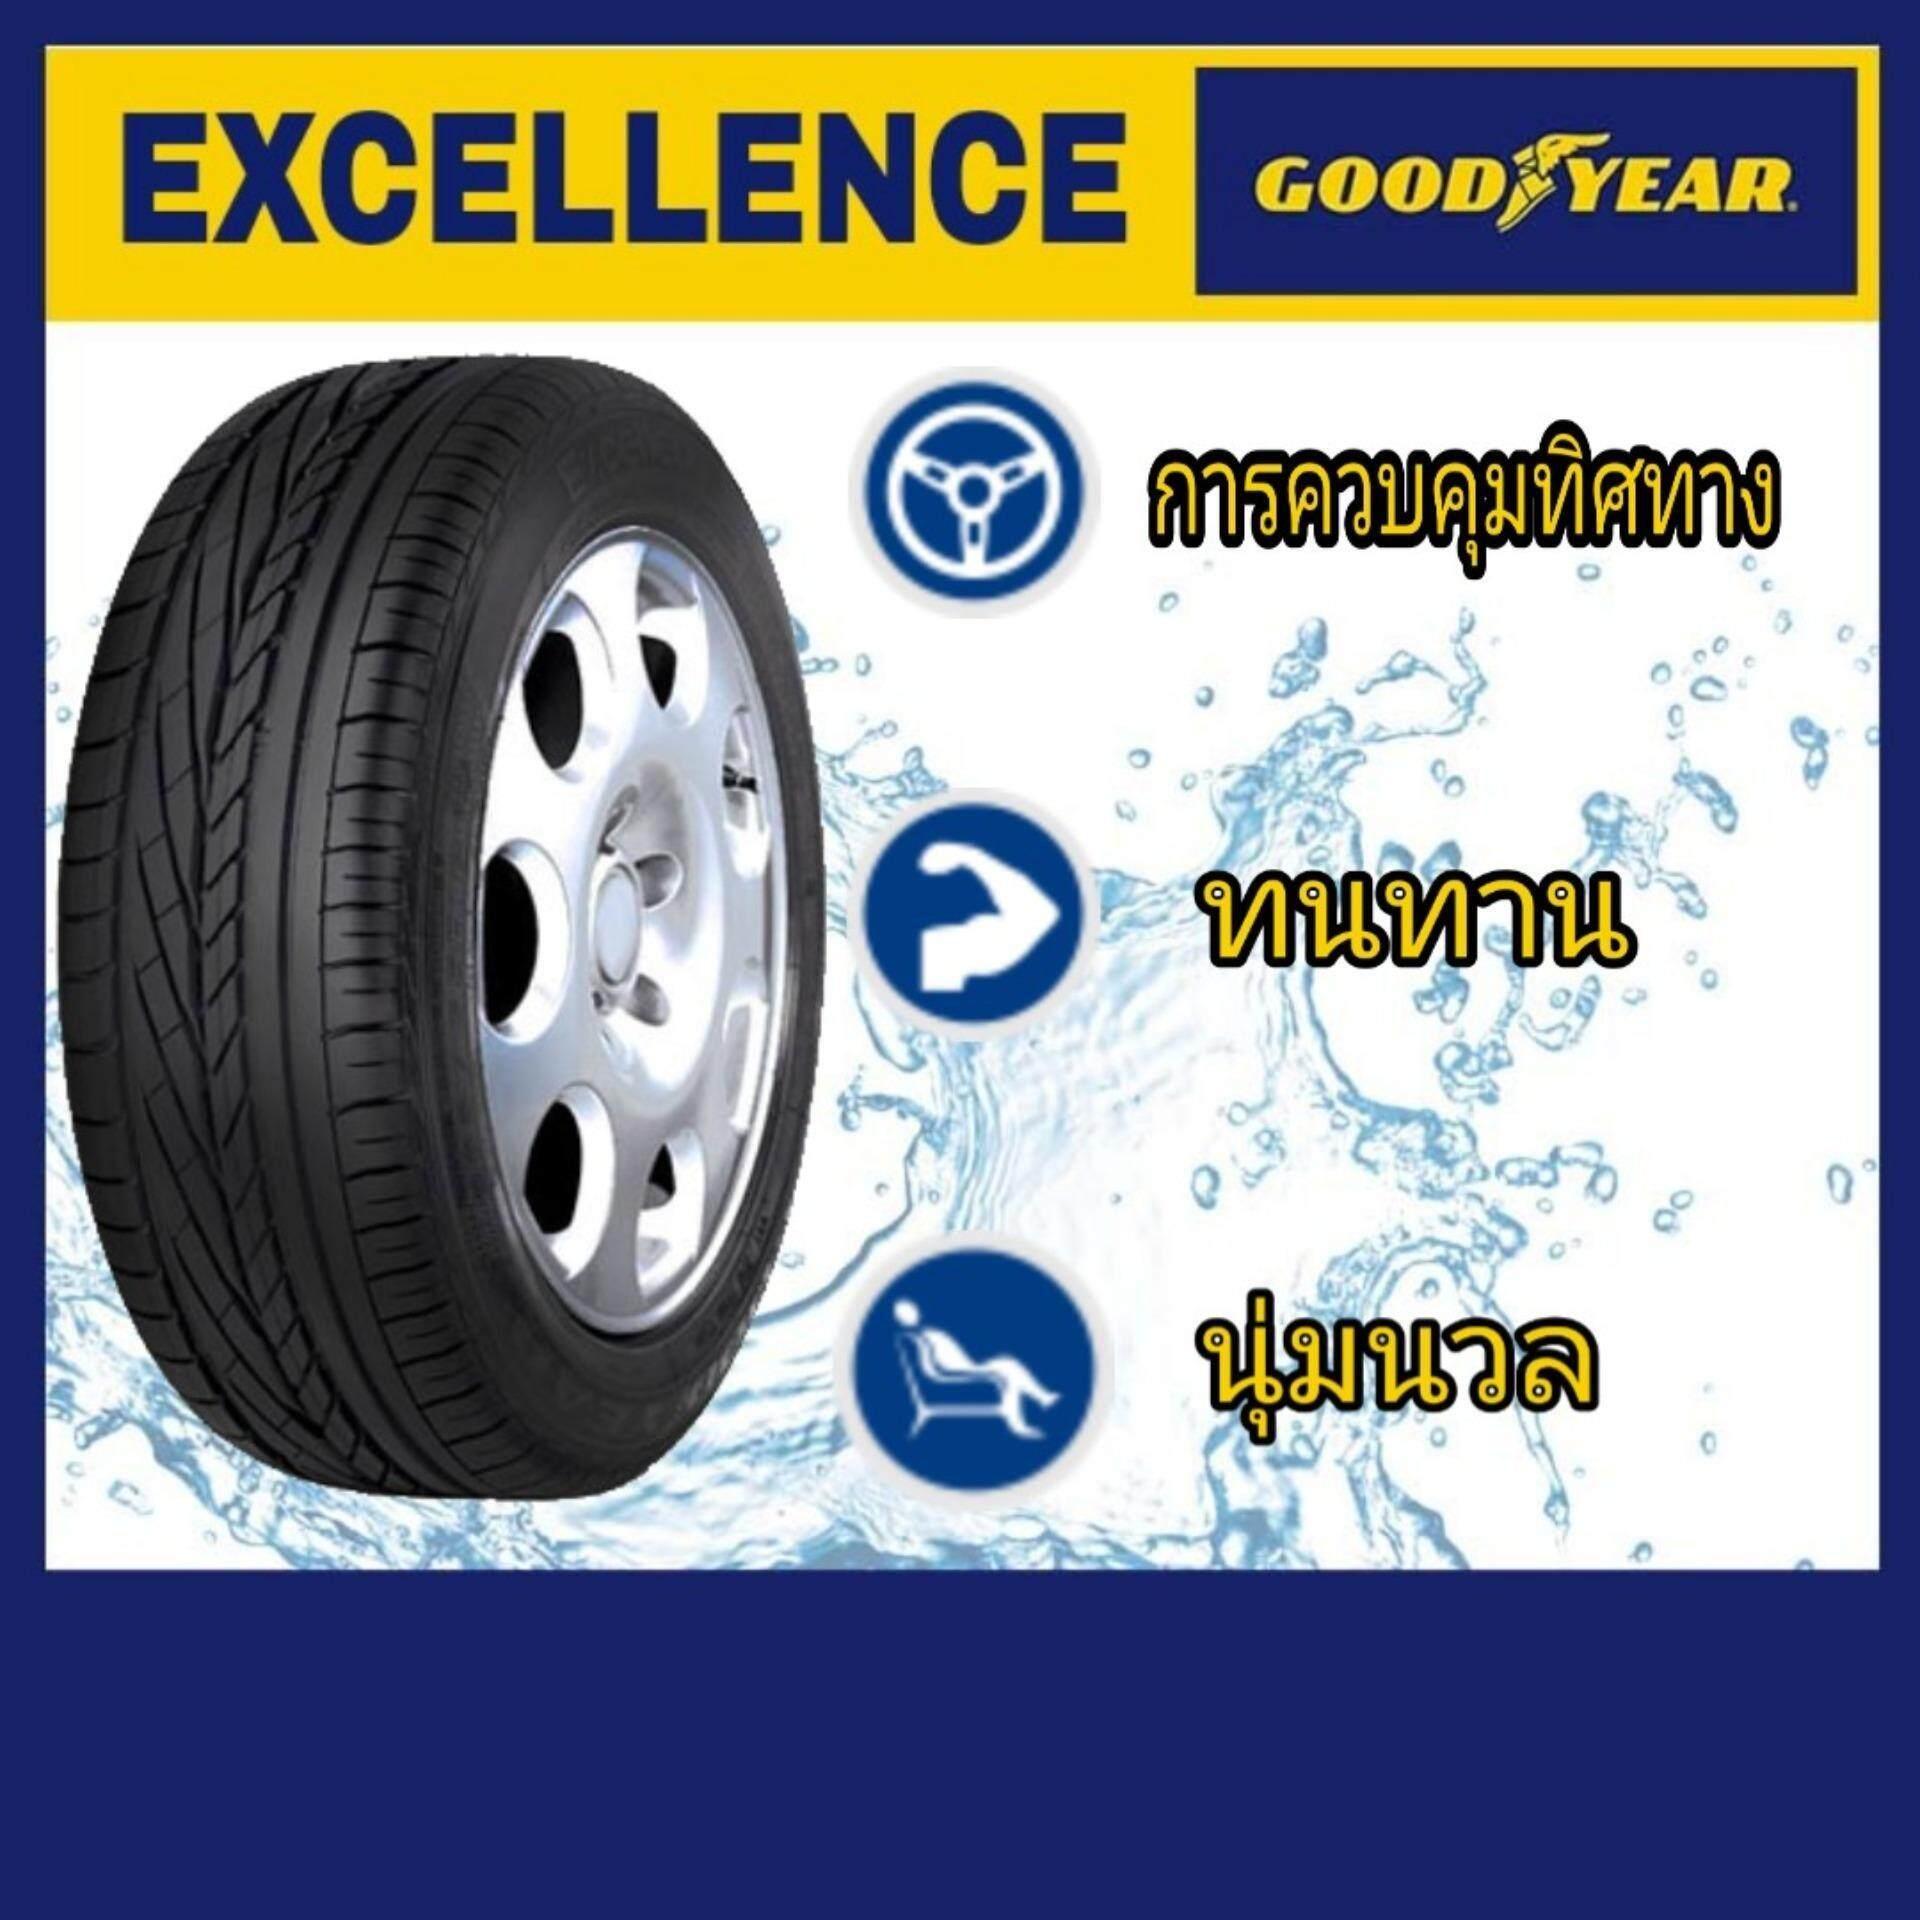 ประกันภัย รถยนต์ 2+ นนทบุรี Goodyear ยางรถยนต์ 185/55R16 รุ่น Excellence